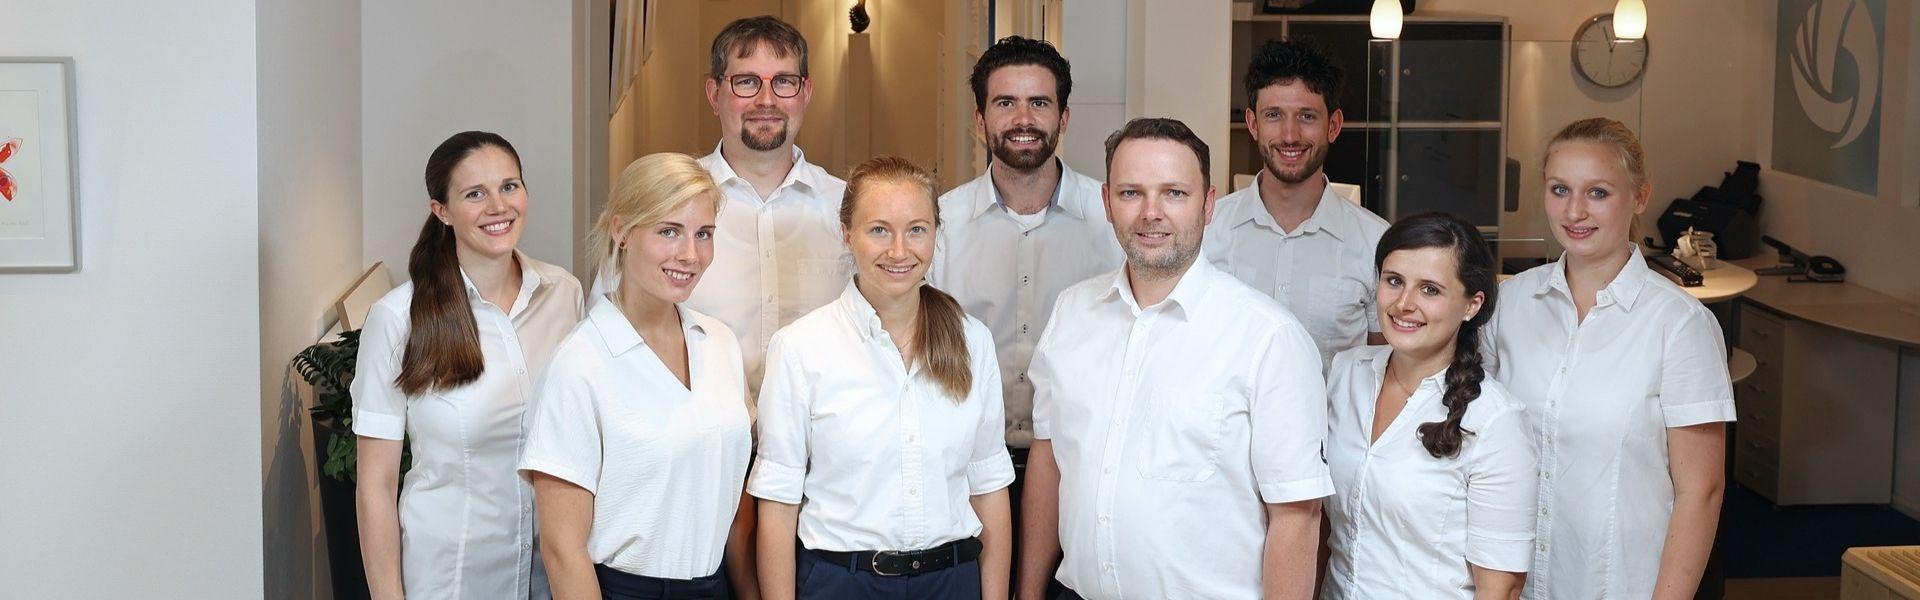 Chiropraktik Team Heinemeier und Schmidt